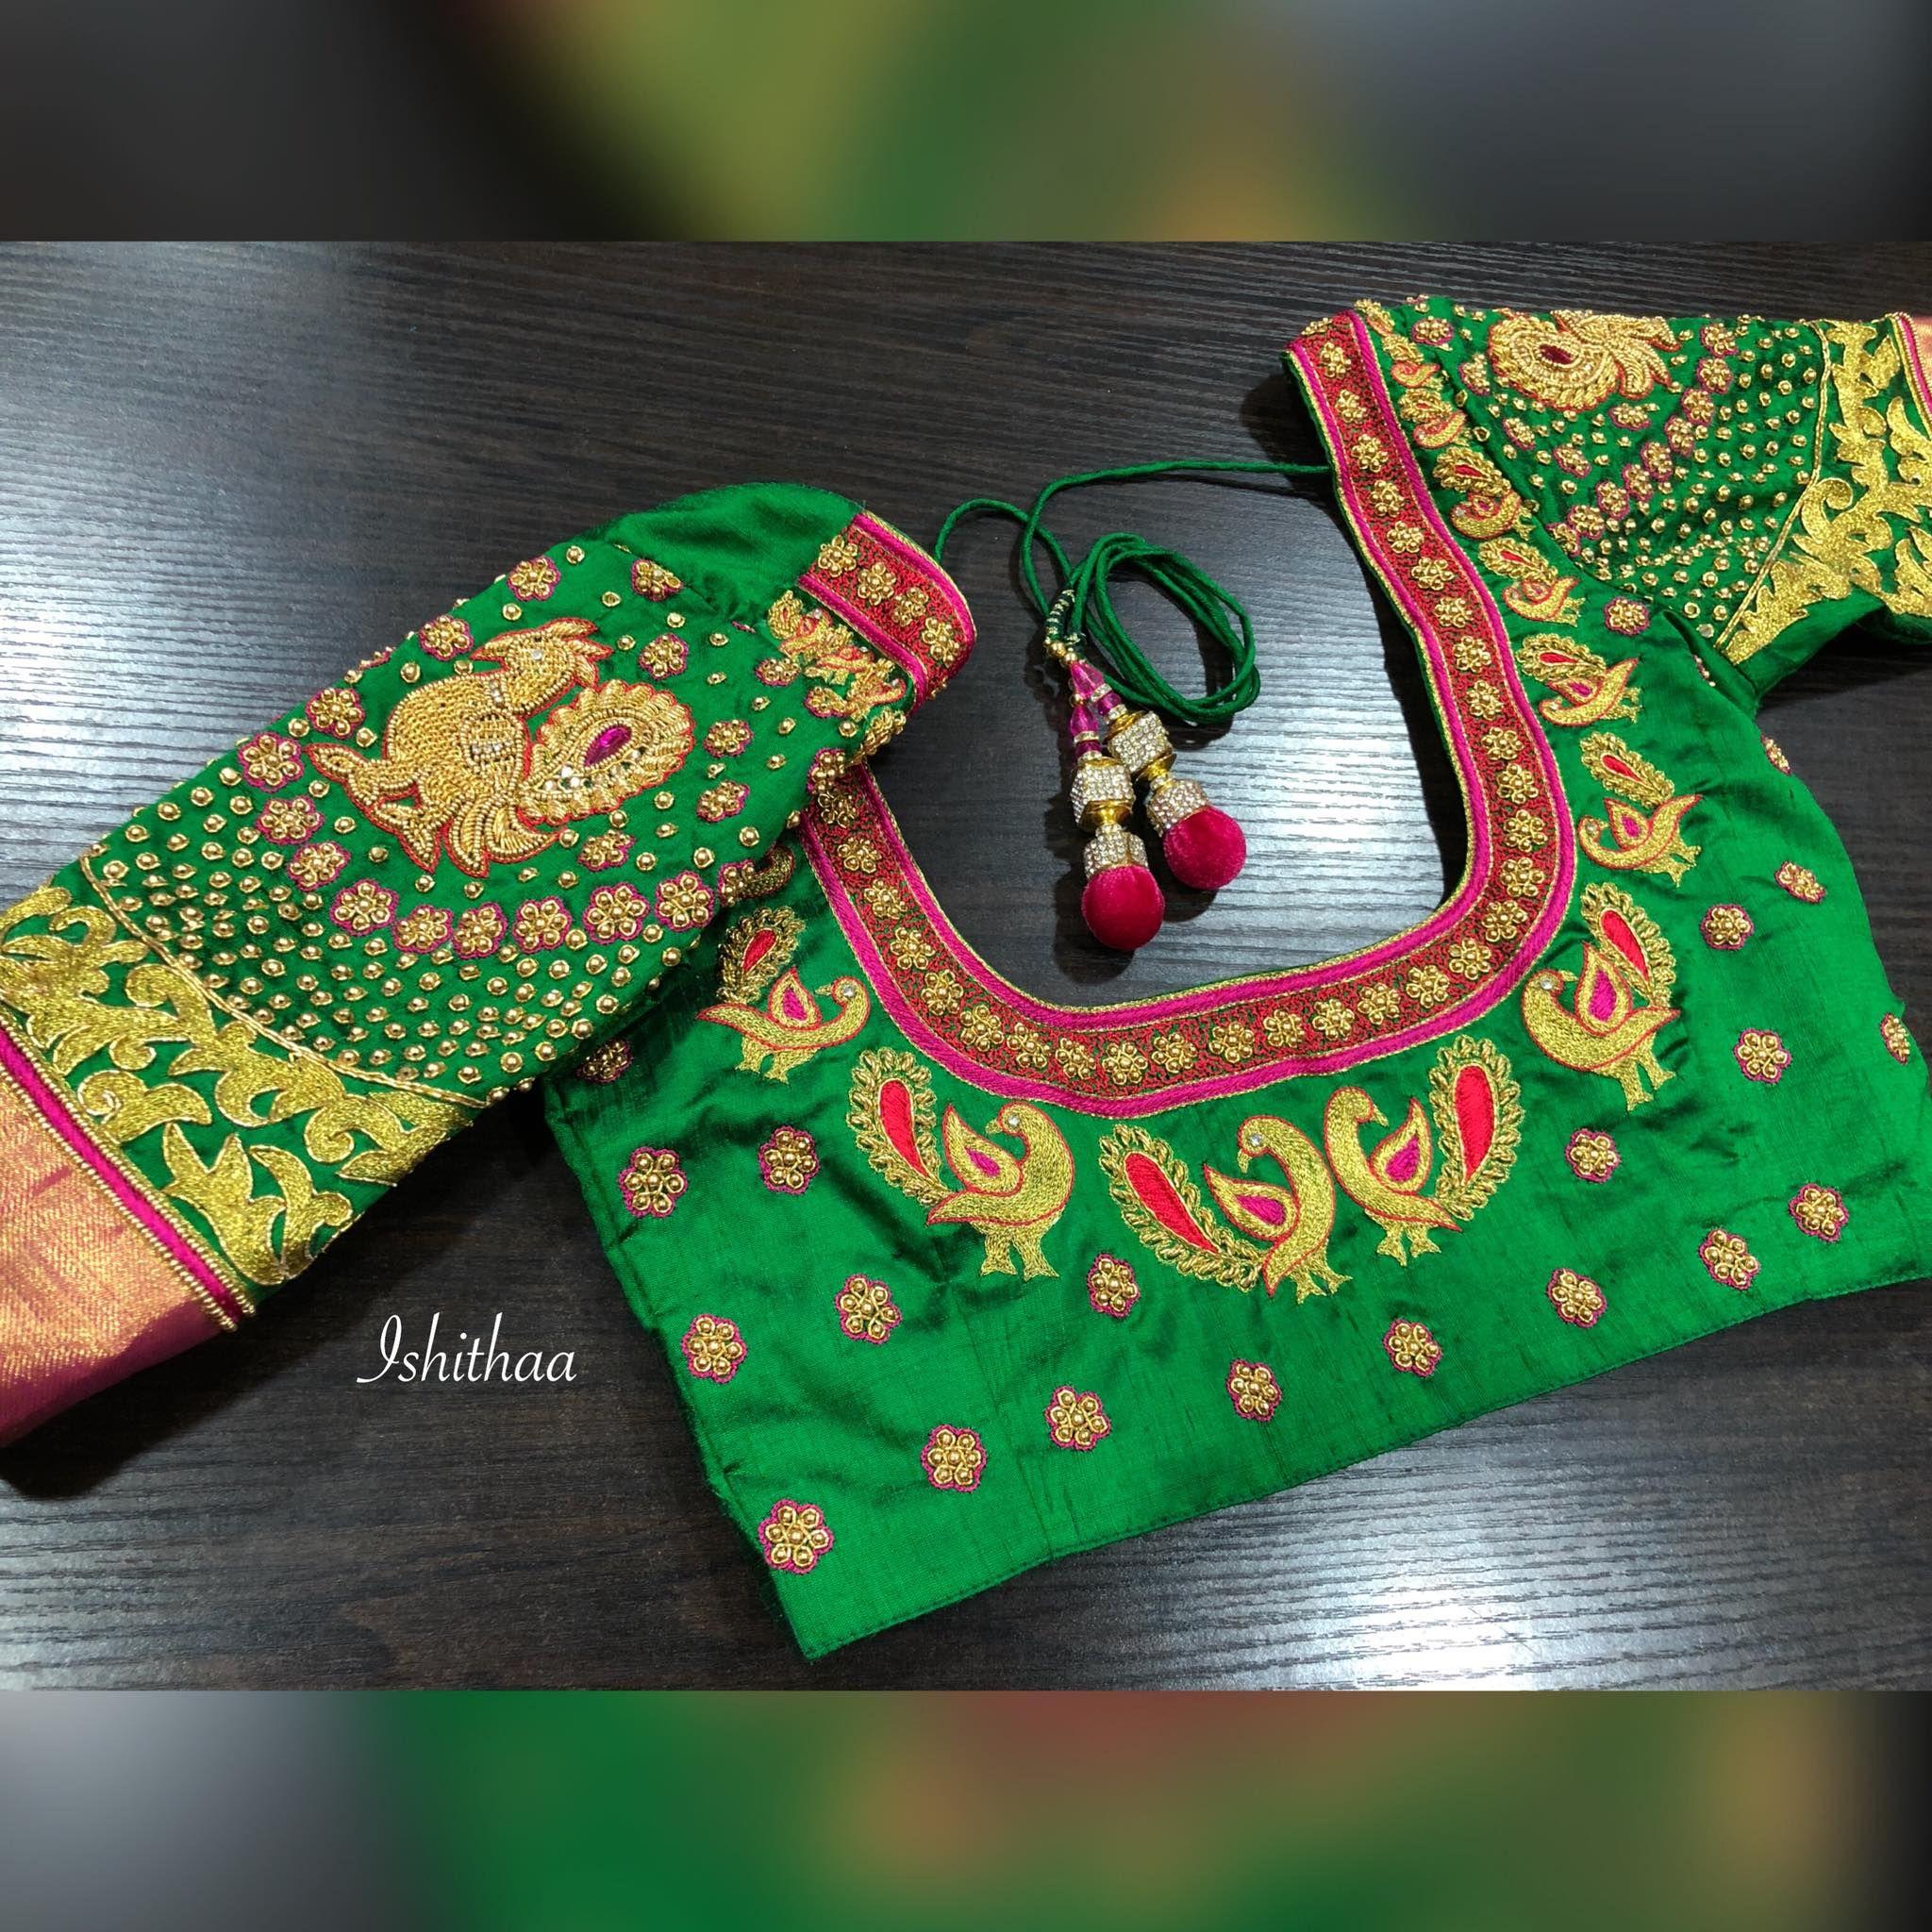 Ishithaa boutique no arihant vtn square gopathy narayanasamy